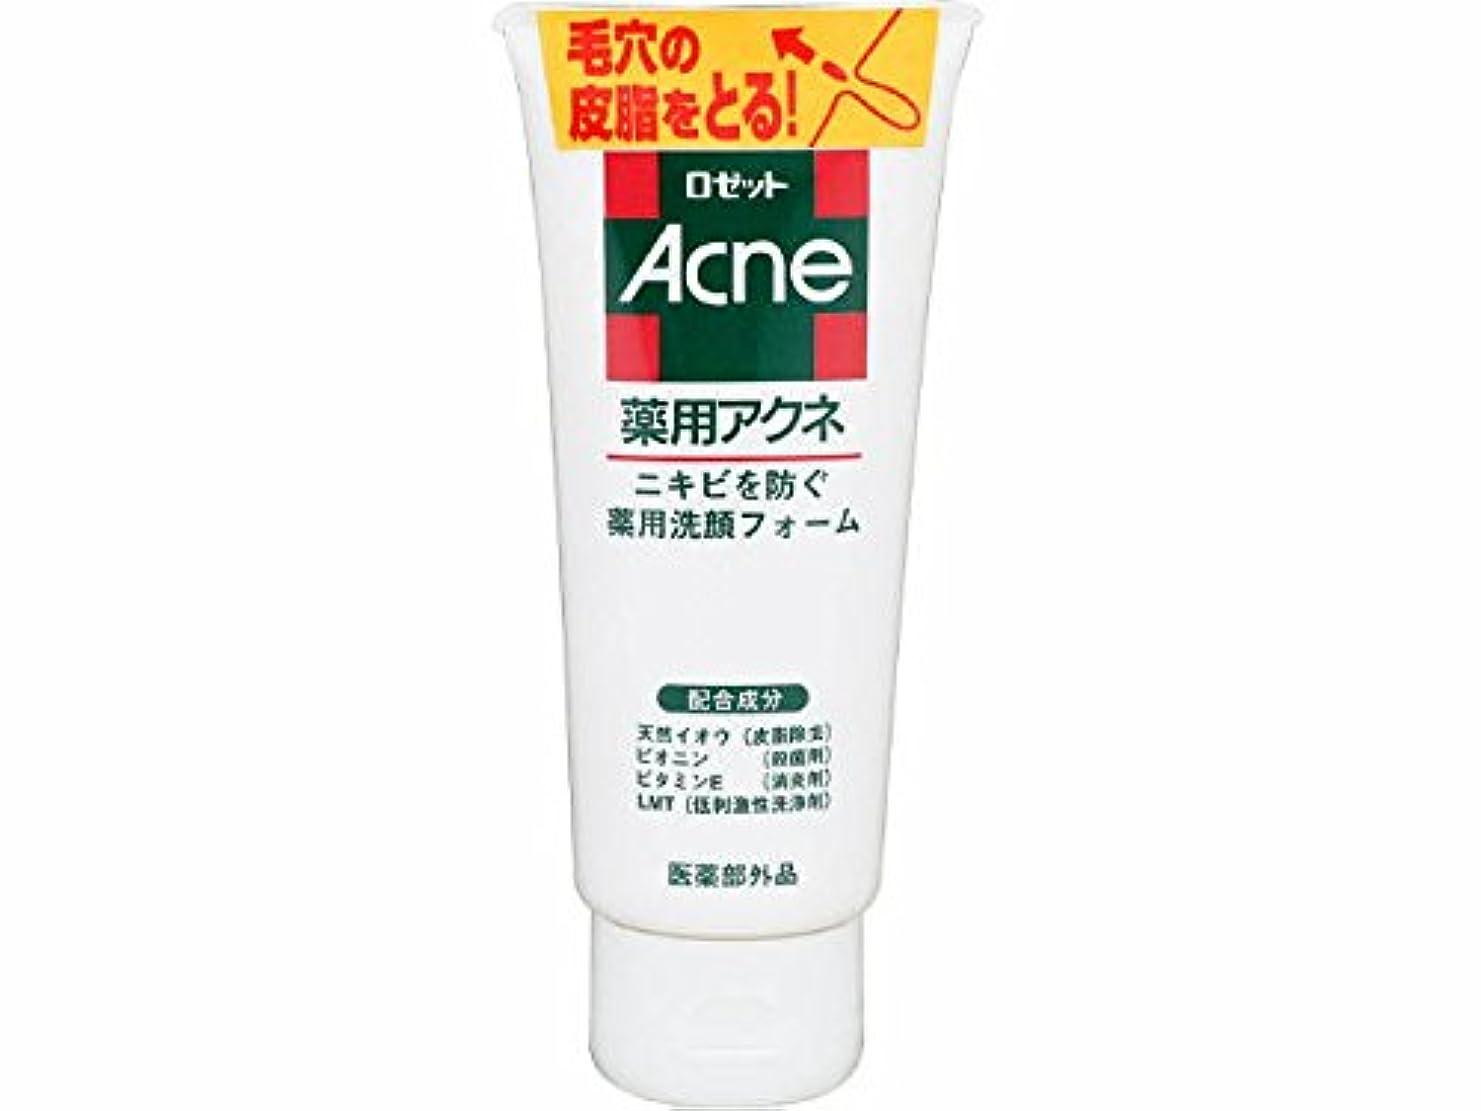 ストロー襟抗議ロゼット 薬用アクネ 洗顔フォーム 130g 医薬部外品 ニキビを防ぐ洗顔フォーム×48点セット (4901696105115)